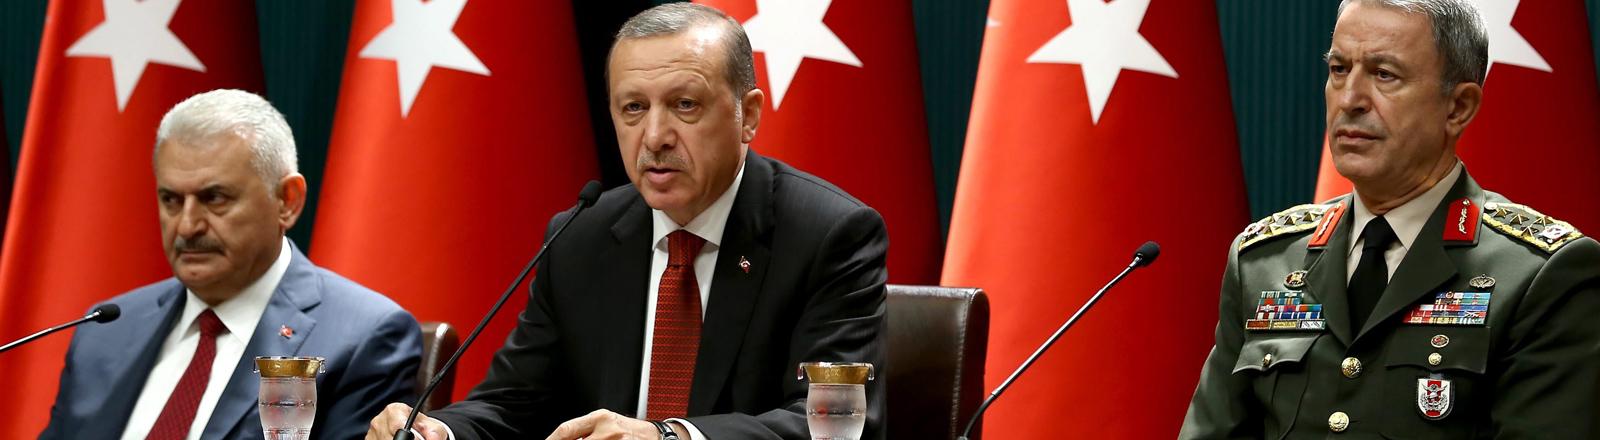 Der türkische Präsident Recep Tayyip Erdoğan bei einer Pressekonferenz am 21.07.2016 mit dem Premierminister Binali Yildirim und dem Obersten Befehlshaber Hulusi Akar.